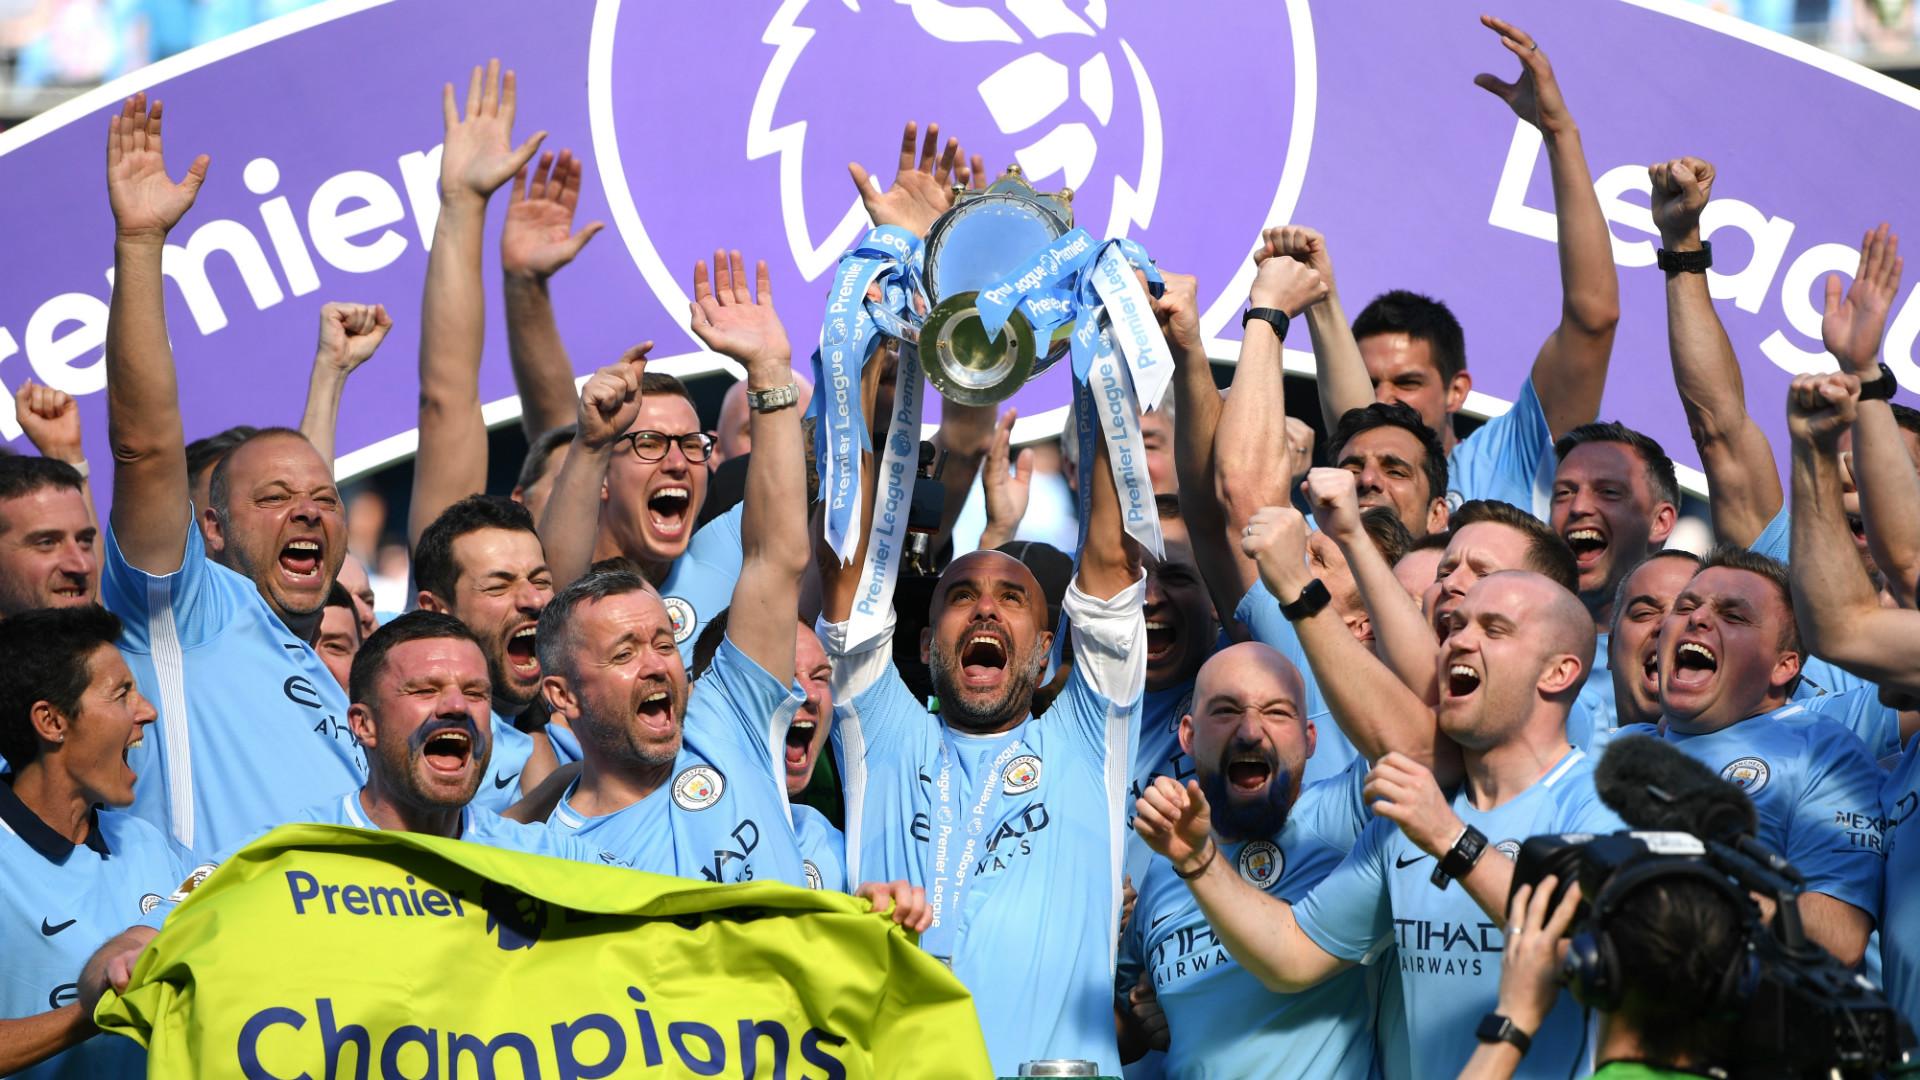 Premier League 2018 19 The Failed Title Defenses Manchester